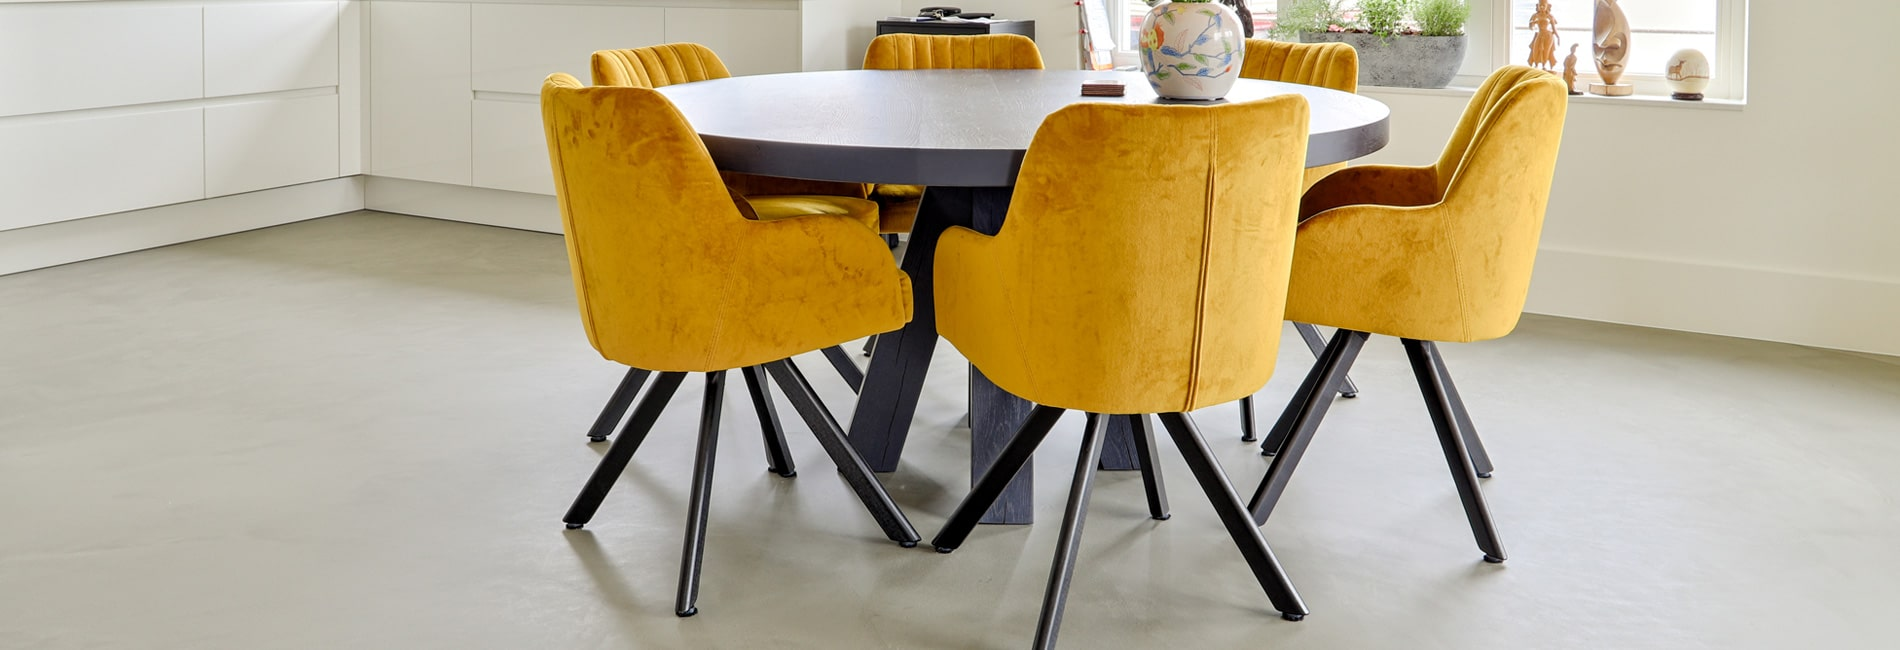 Design betonvloer in een woonkamer